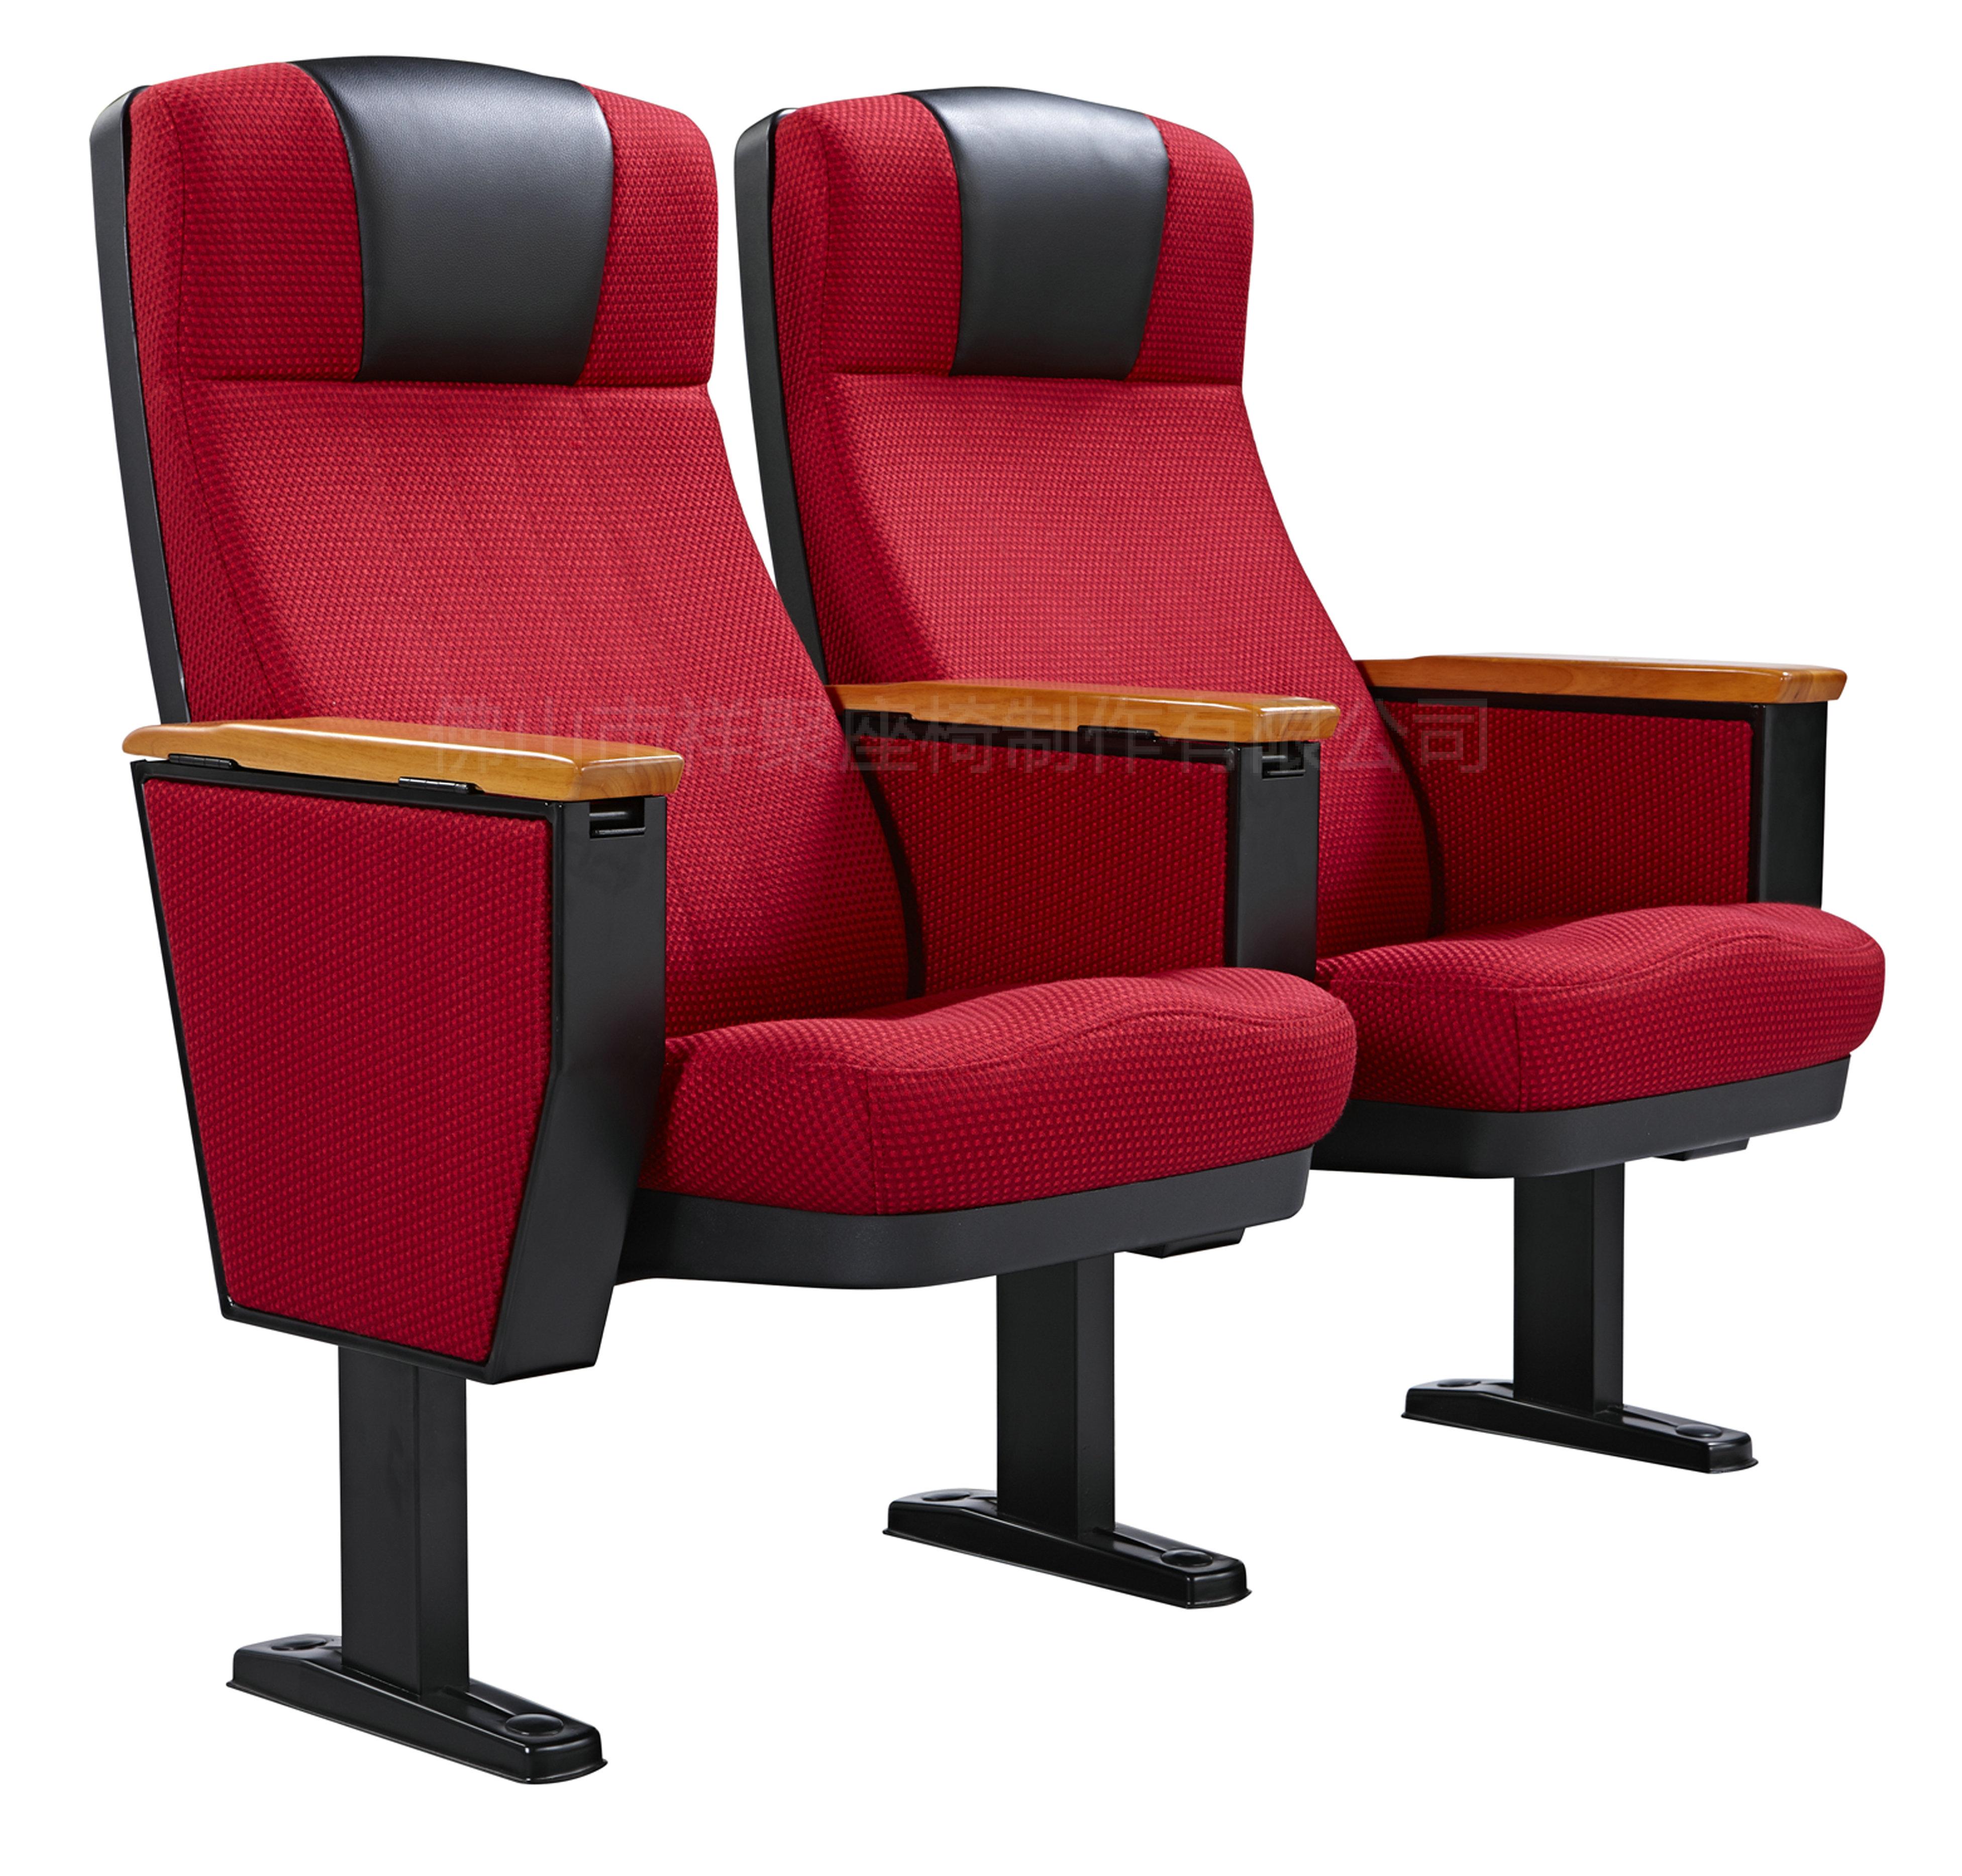 禮堂椅廠家在設計禮堂椅時考慮哪些地方